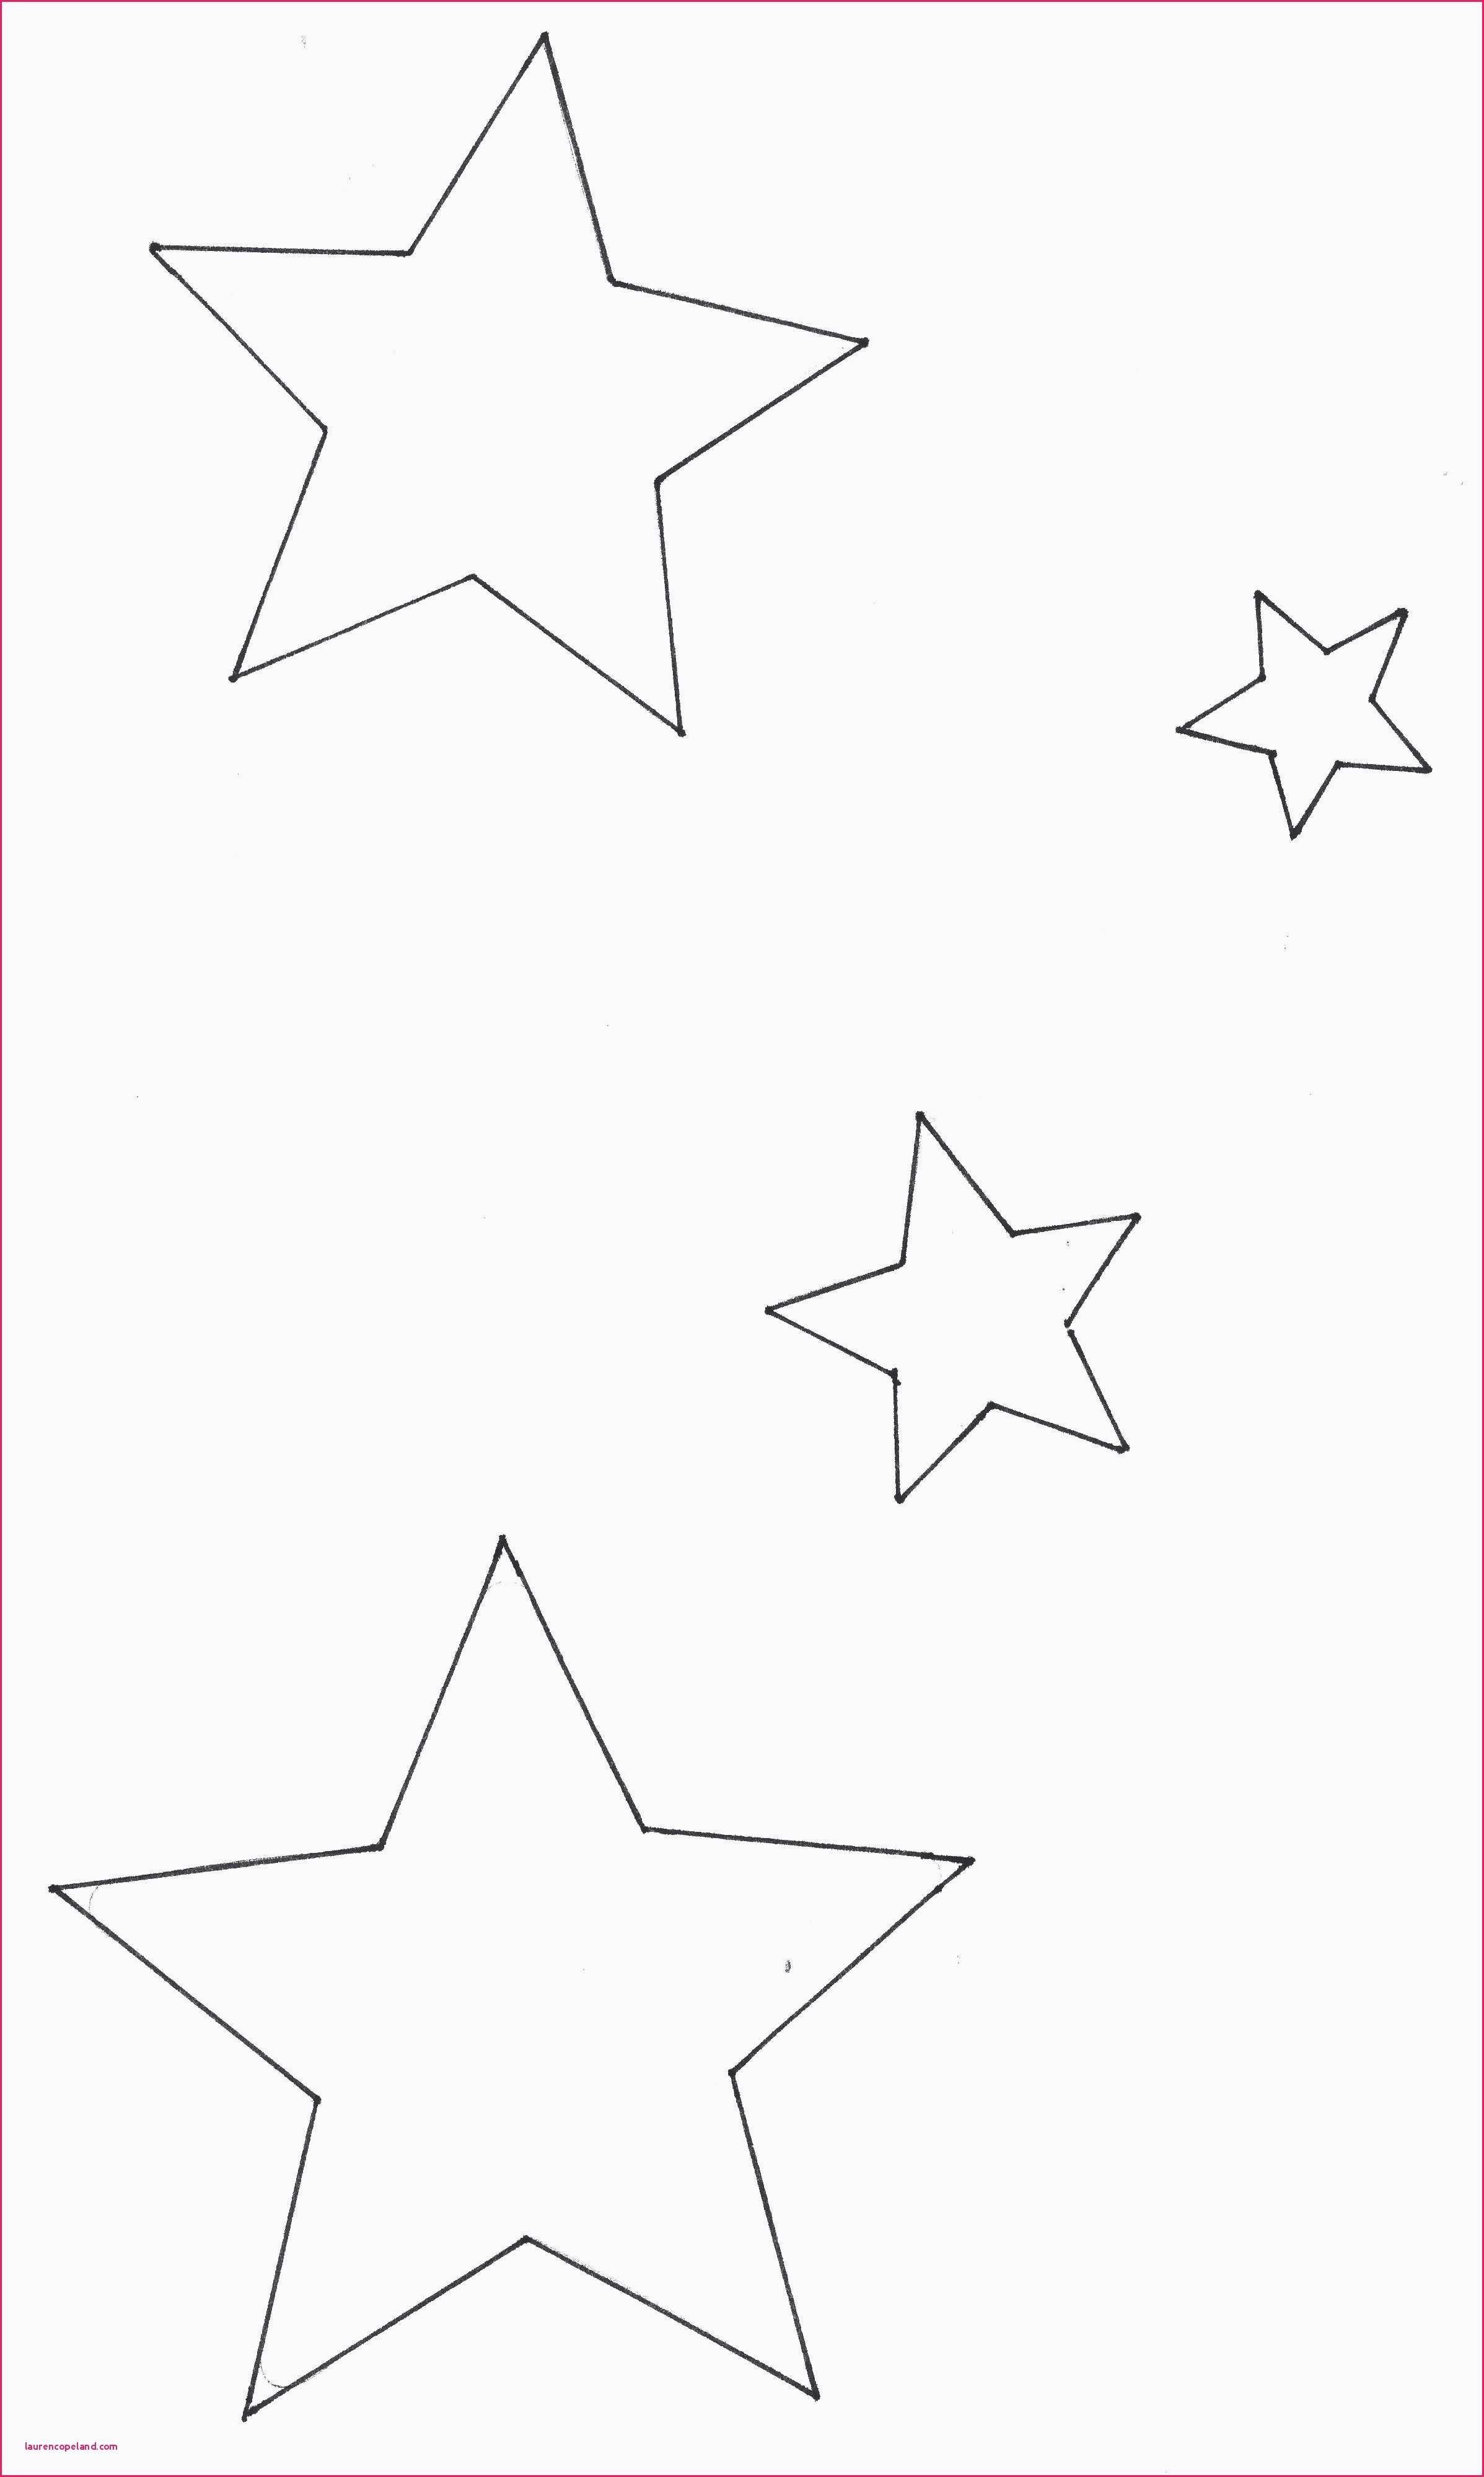 Malvorlagen Weihnachten Tannenbaum Genial Basteln Vorlagen Kostenlos Ausdrucken Frisch Tannenbaum Galerie